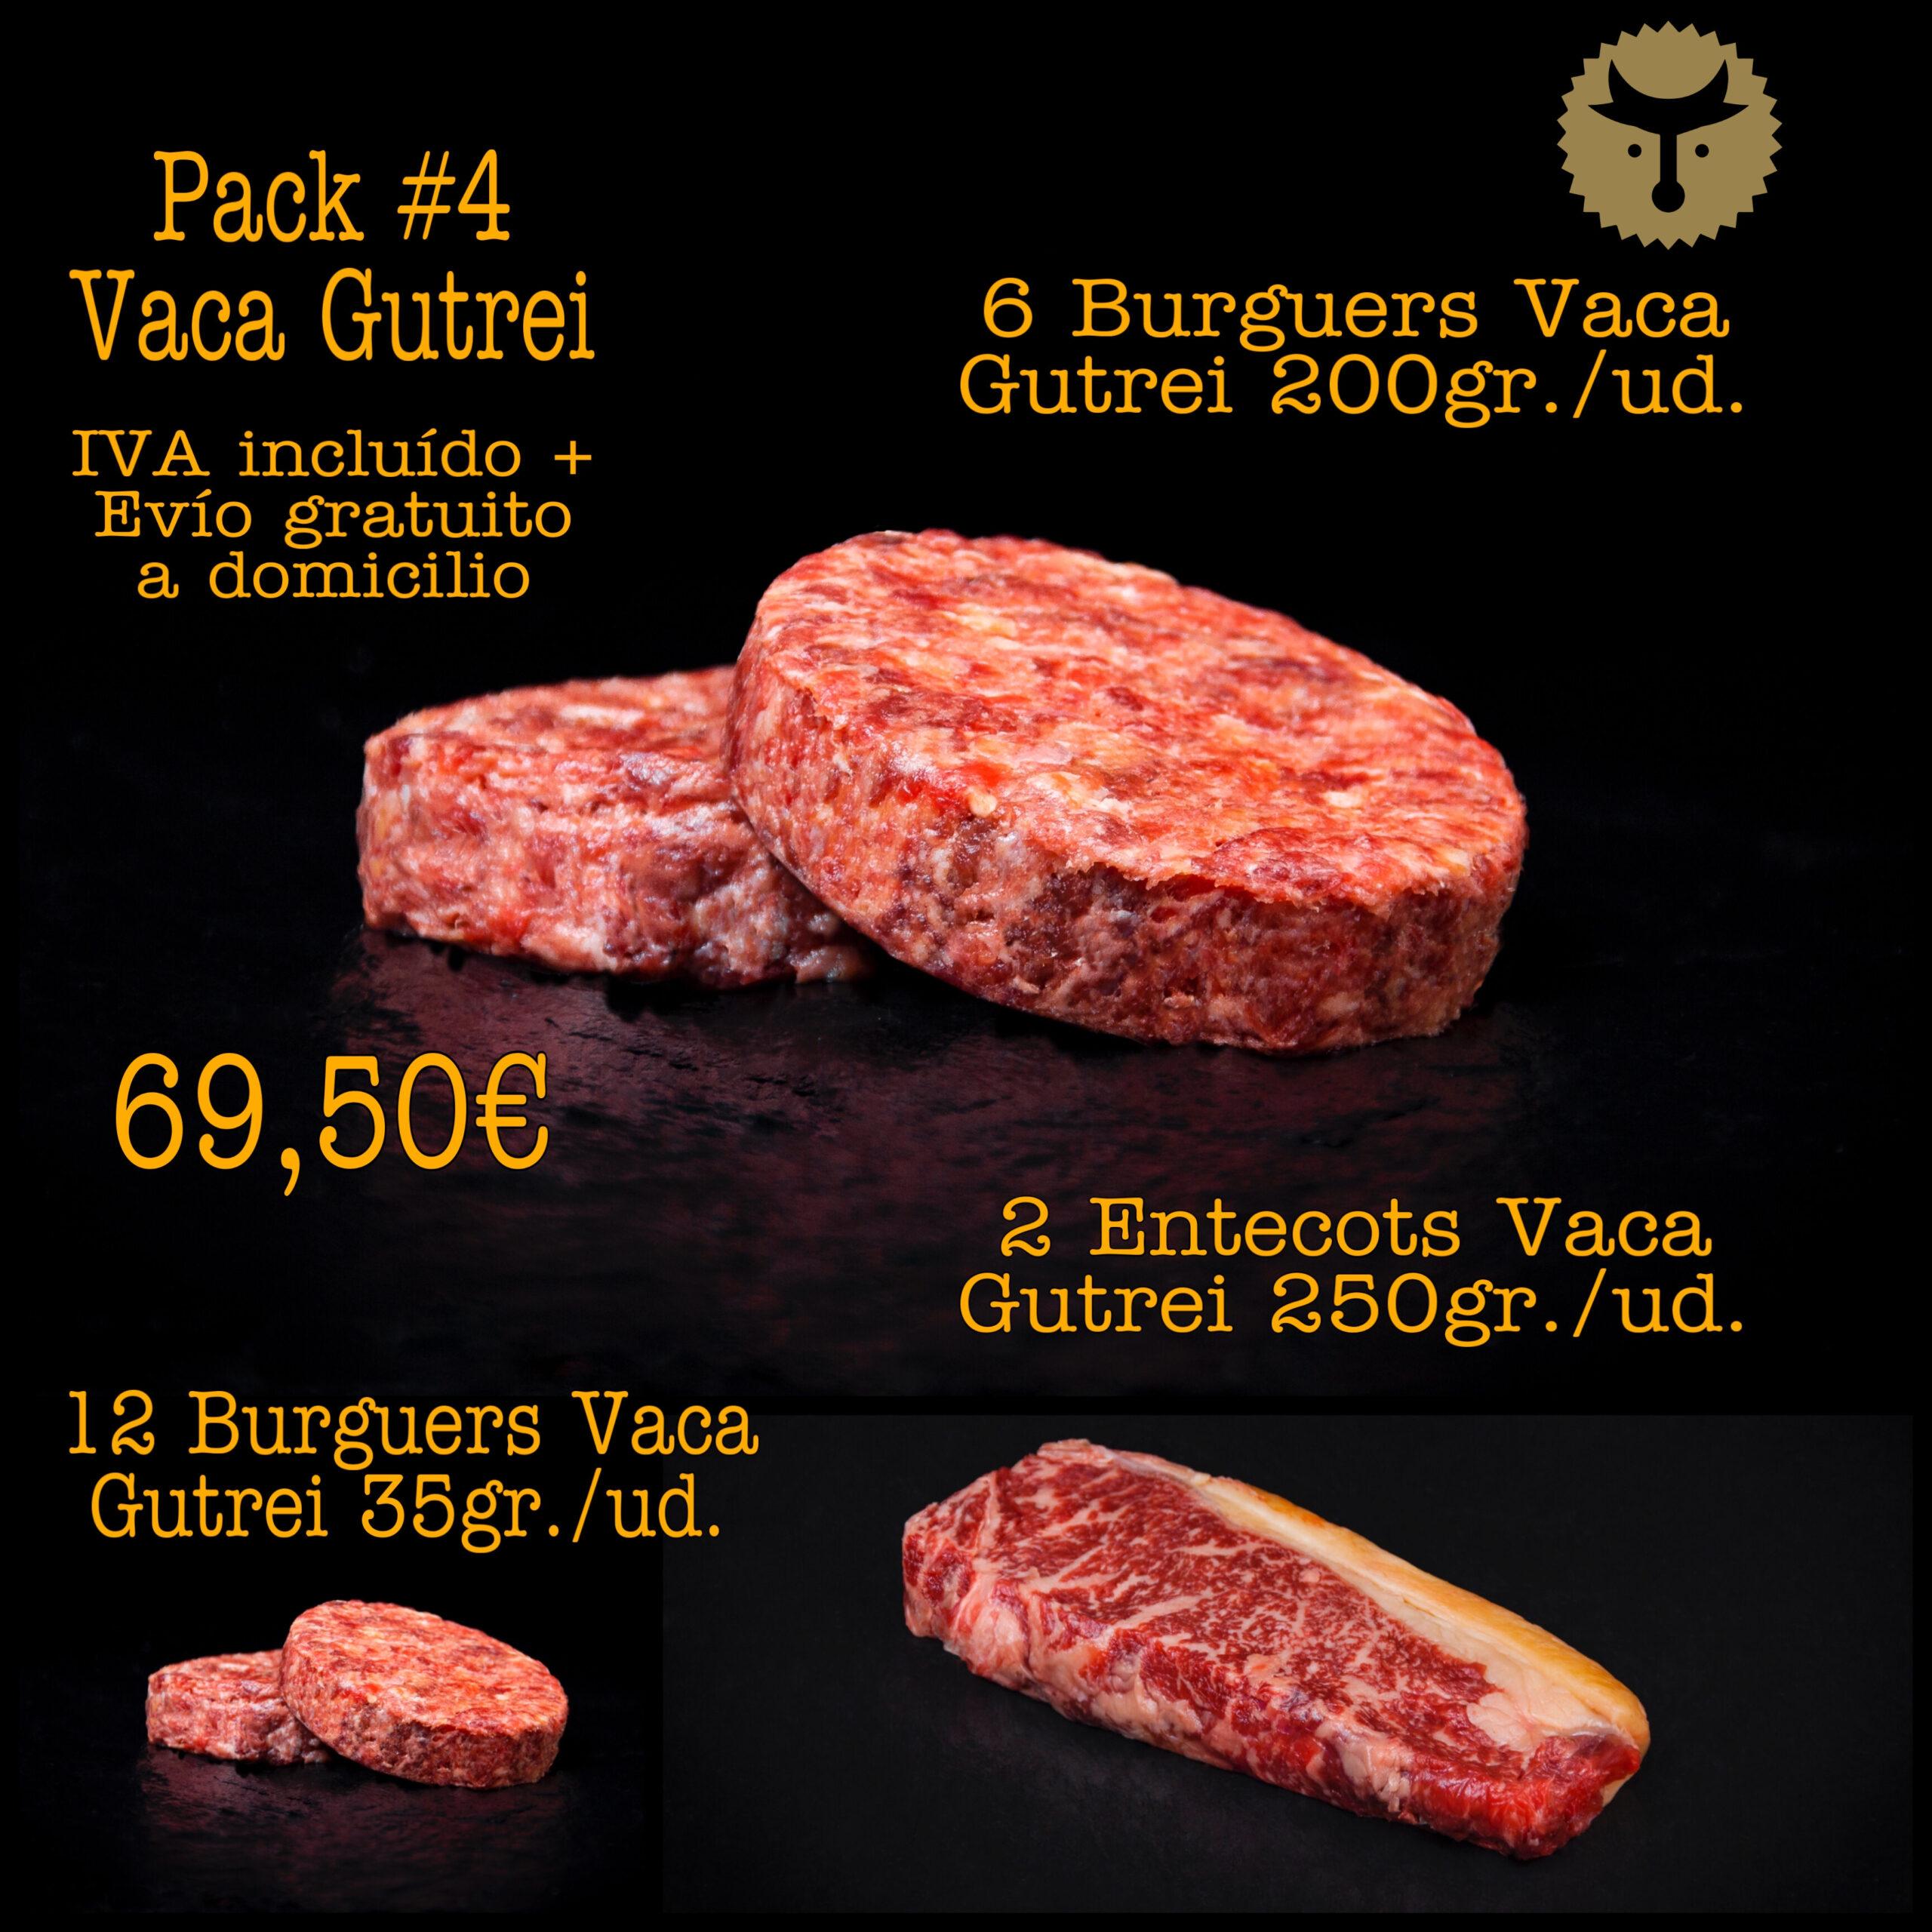 Pack 4 Vaca Gutrei